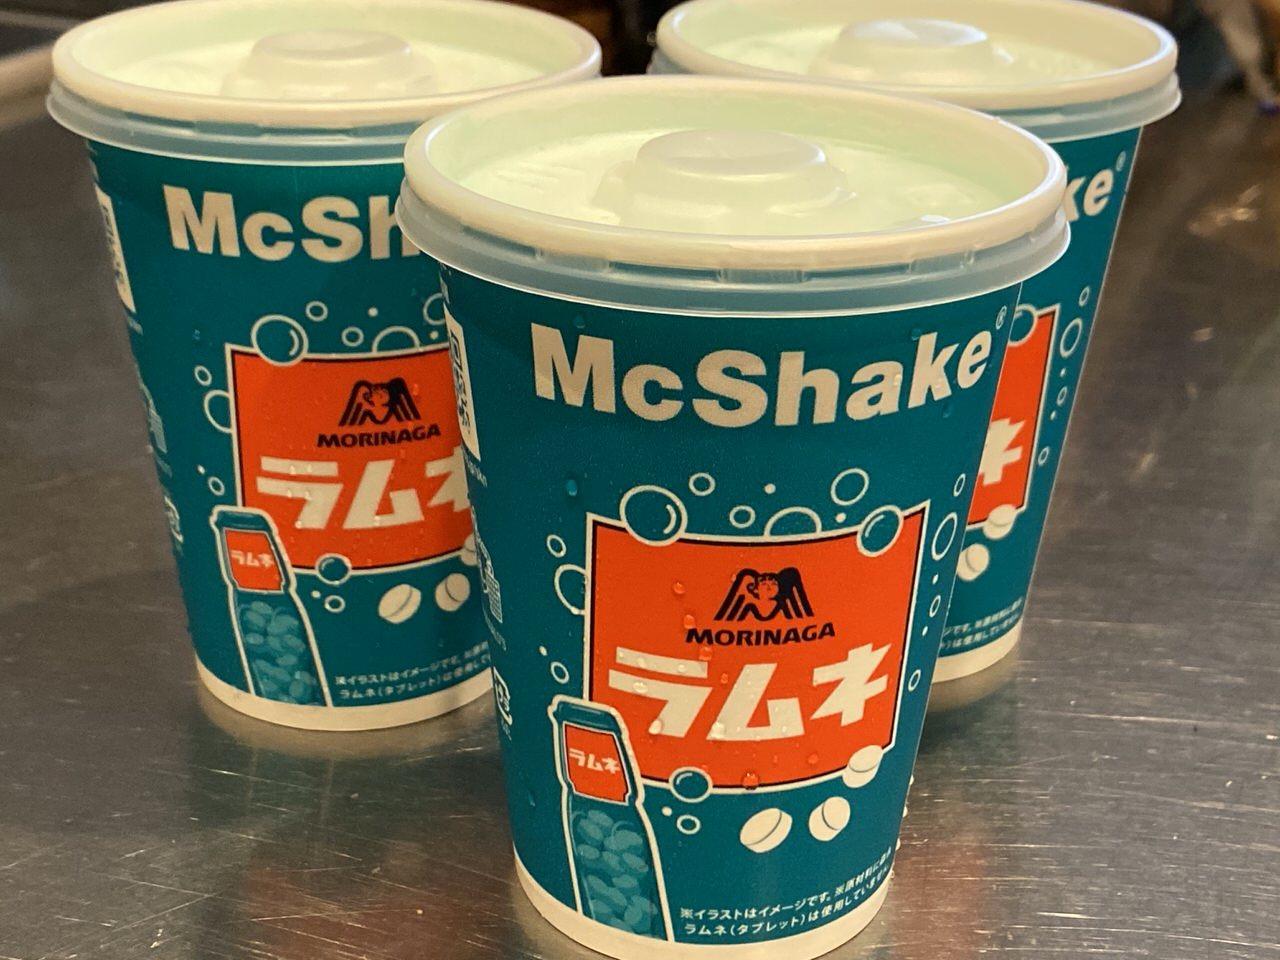 【マクドナルド】超駄菓子感!5月20日新発売「マックシェイク 森永ラムネ」飲んでみた